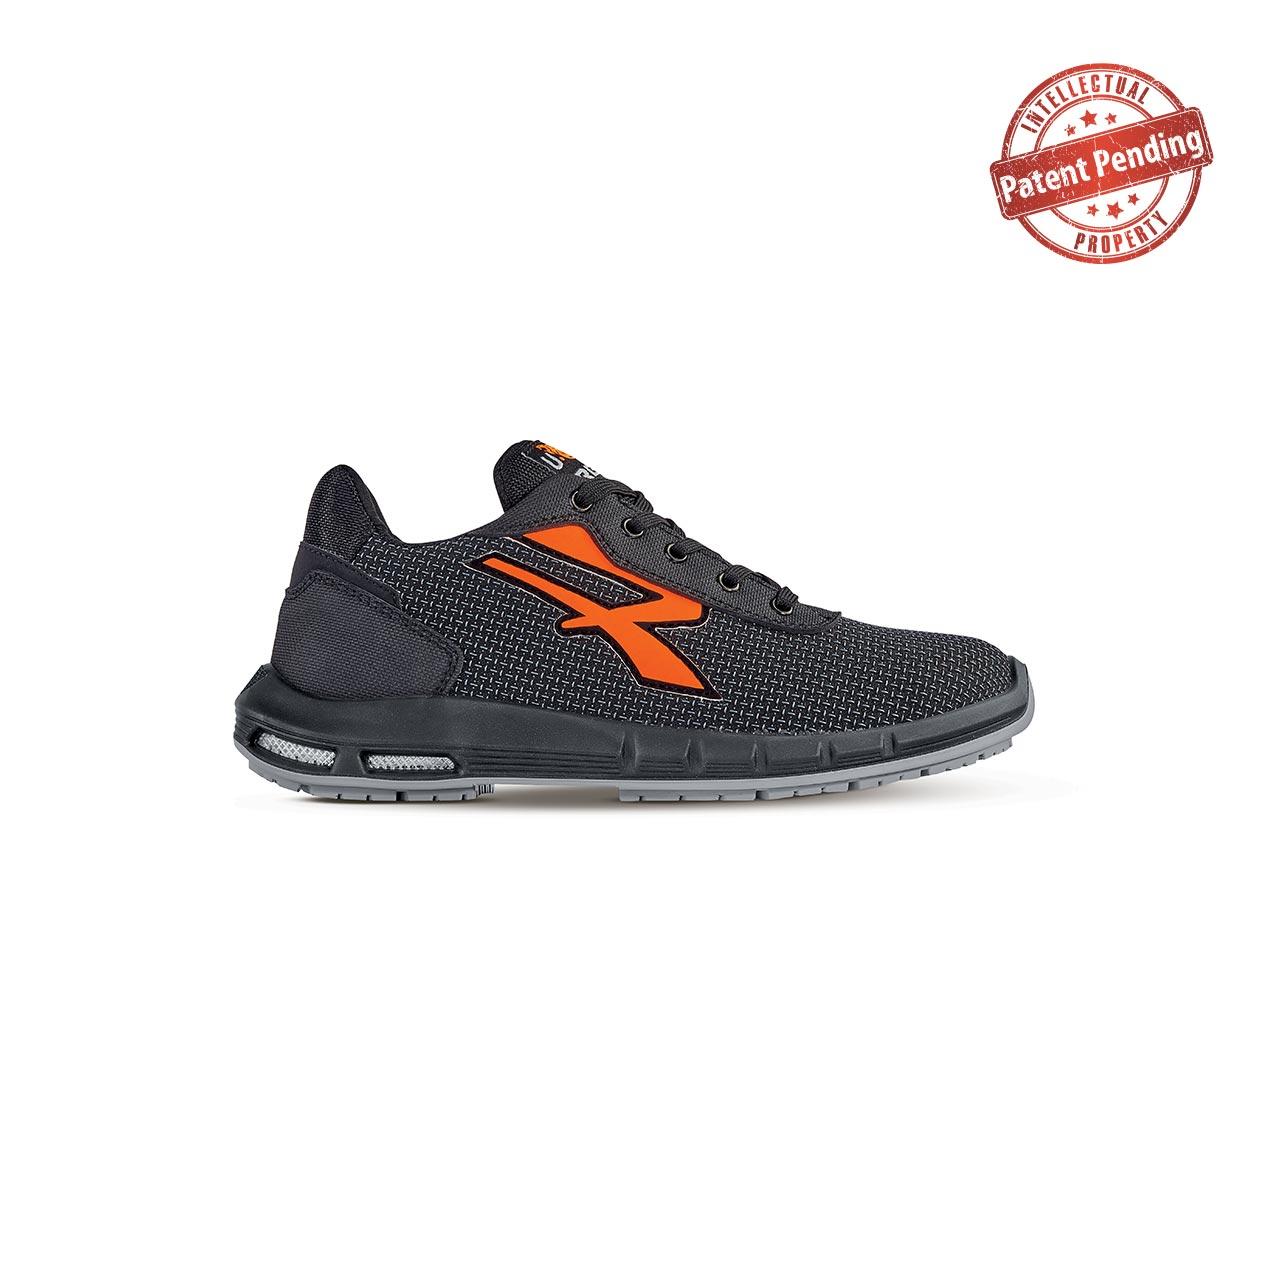 scarpa antinfortunistica upower modello taurus plus linea redup plus vista laterale